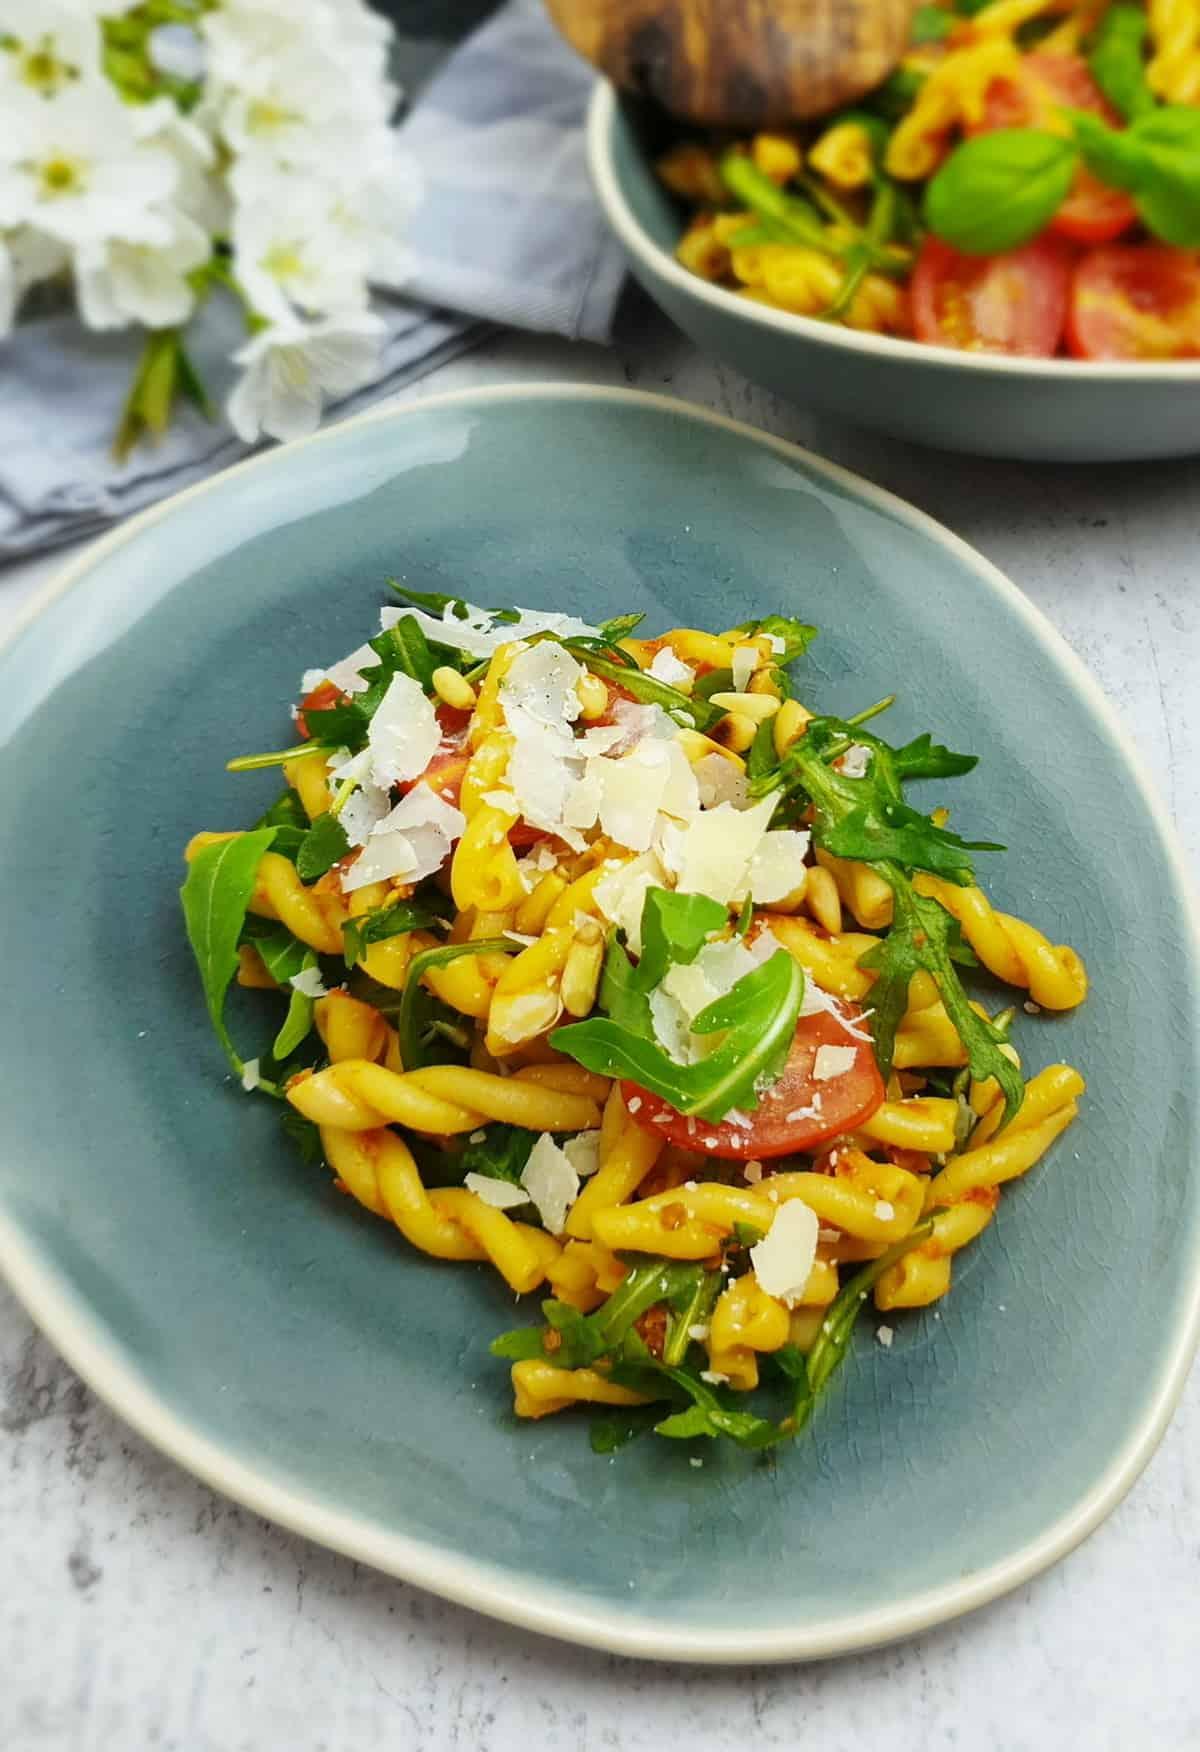 Auf einem blaugrauen Teller angerichtet ein italienischer Nudelsalat mit rotem Pesto, Tomaten, Rucola und Parmesan. Im Hintergrund Deko.